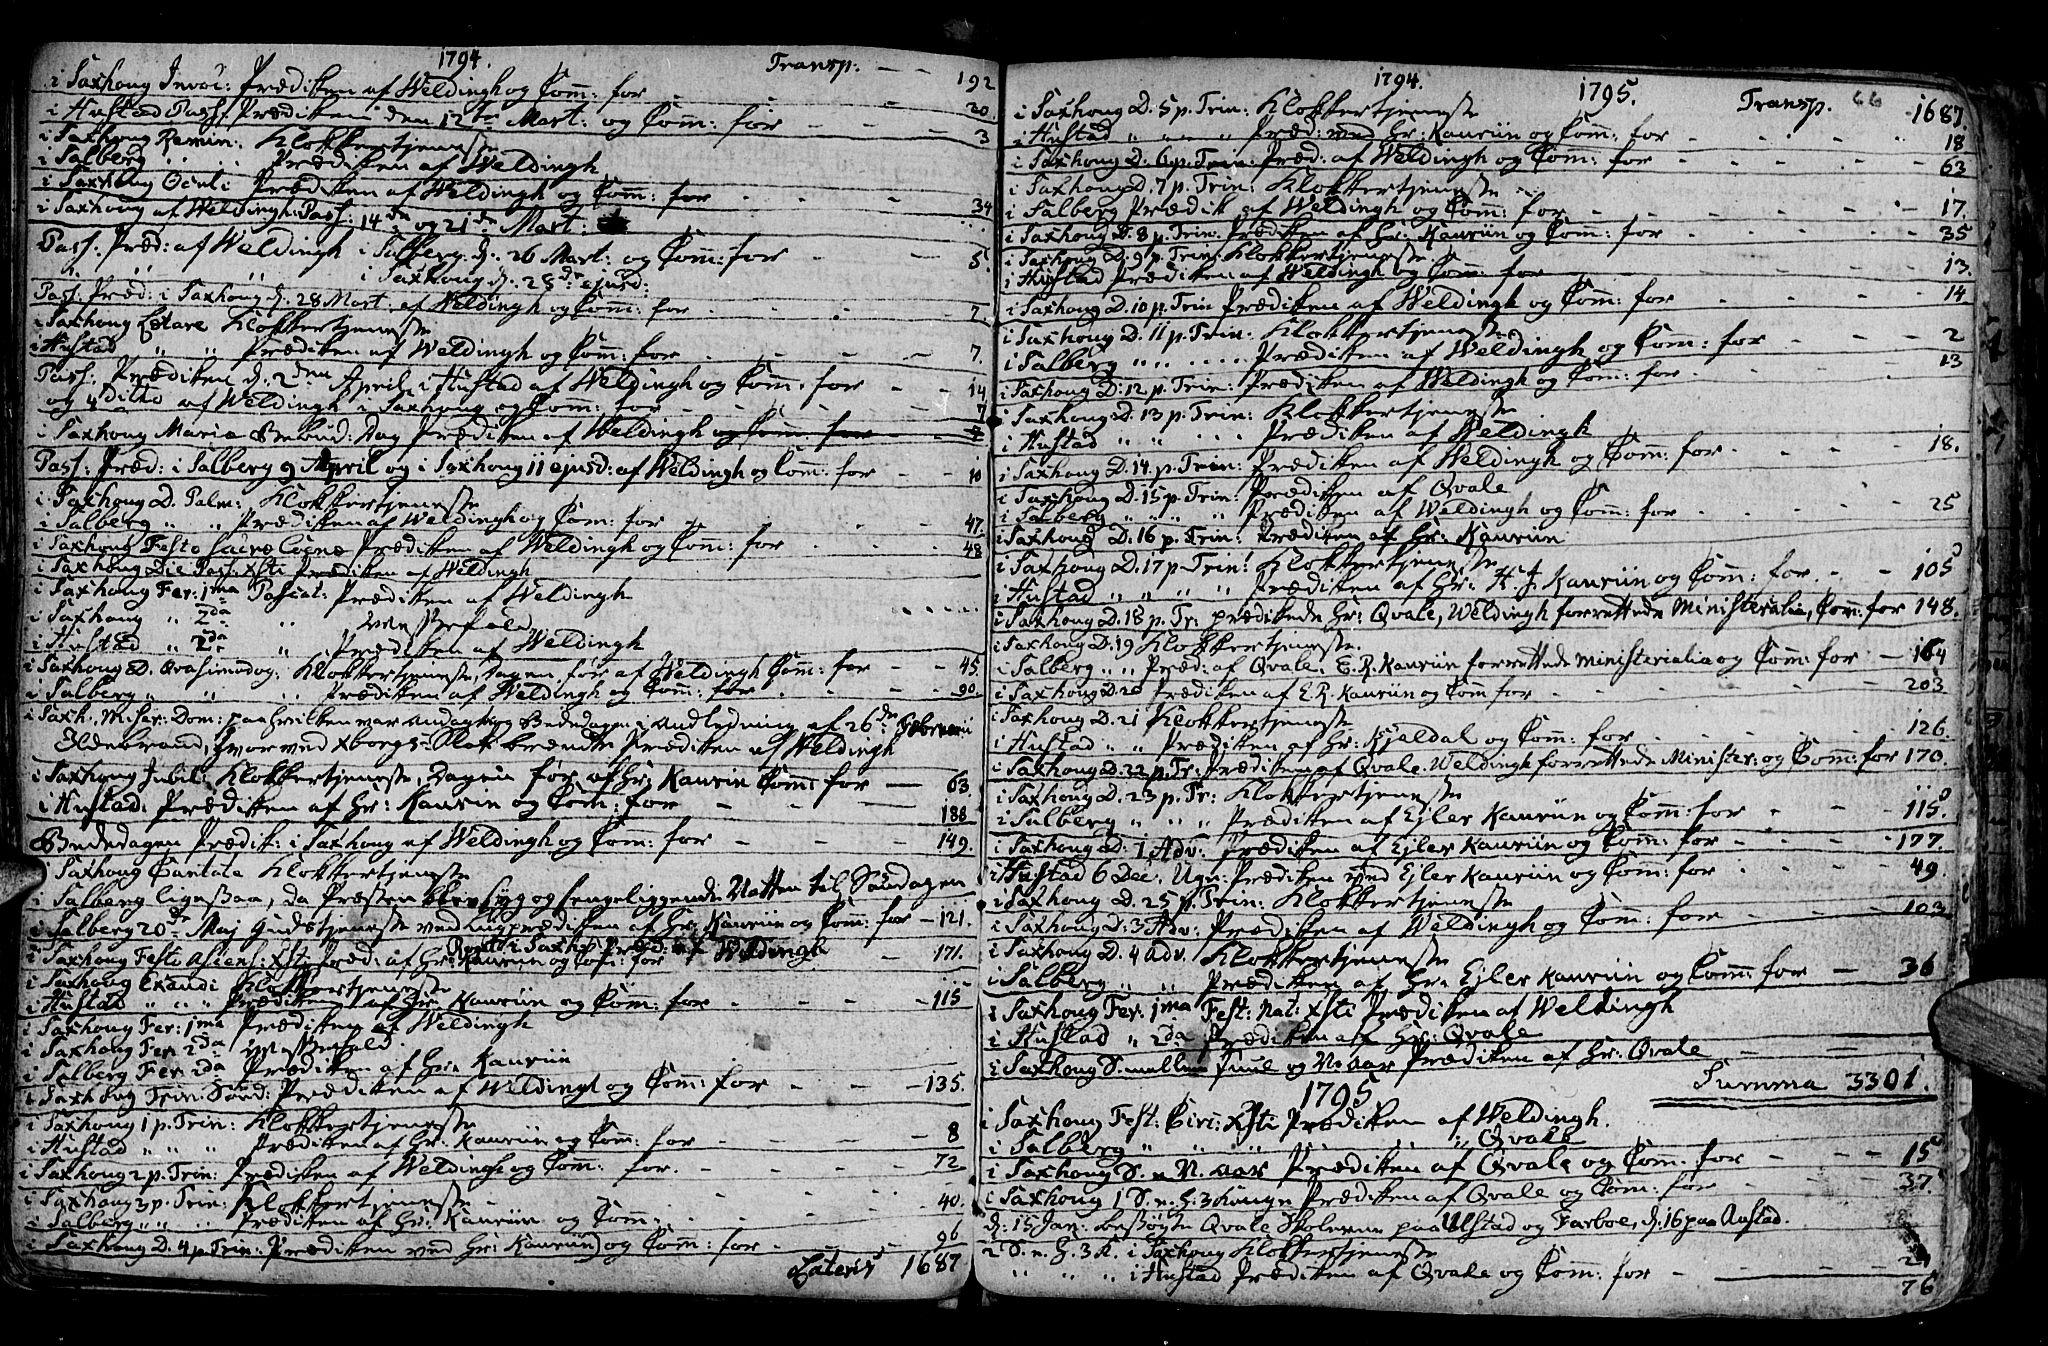 SAT, Ministerialprotokoller, klokkerbøker og fødselsregistre - Nord-Trøndelag, 730/L0273: Ministerialbok nr. 730A02, 1762-1802, s. 66